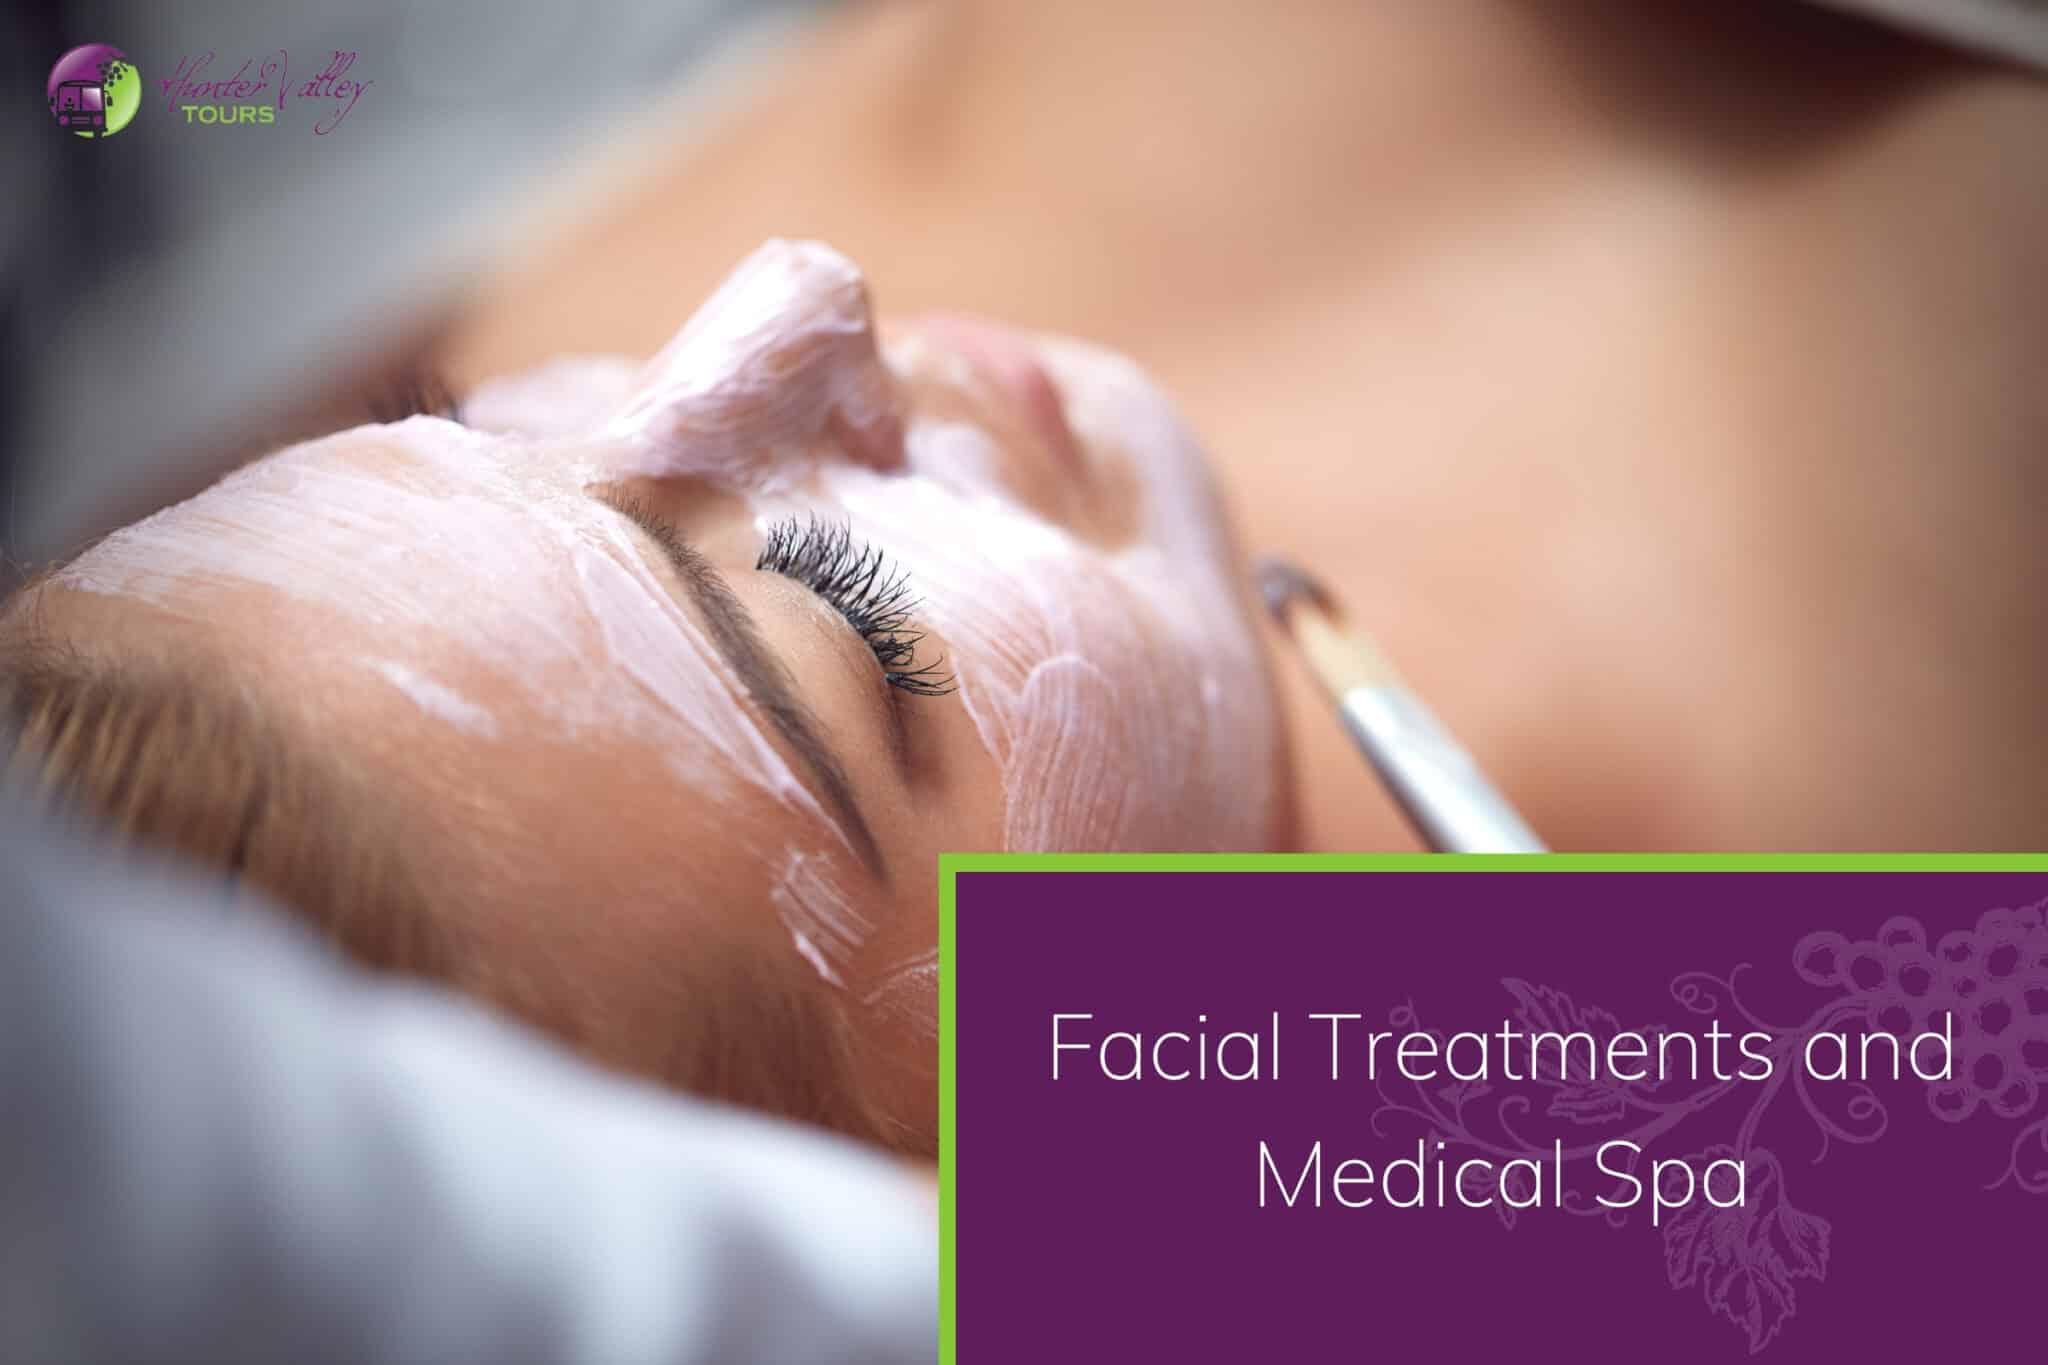 Facial Treatments and Medical Spa